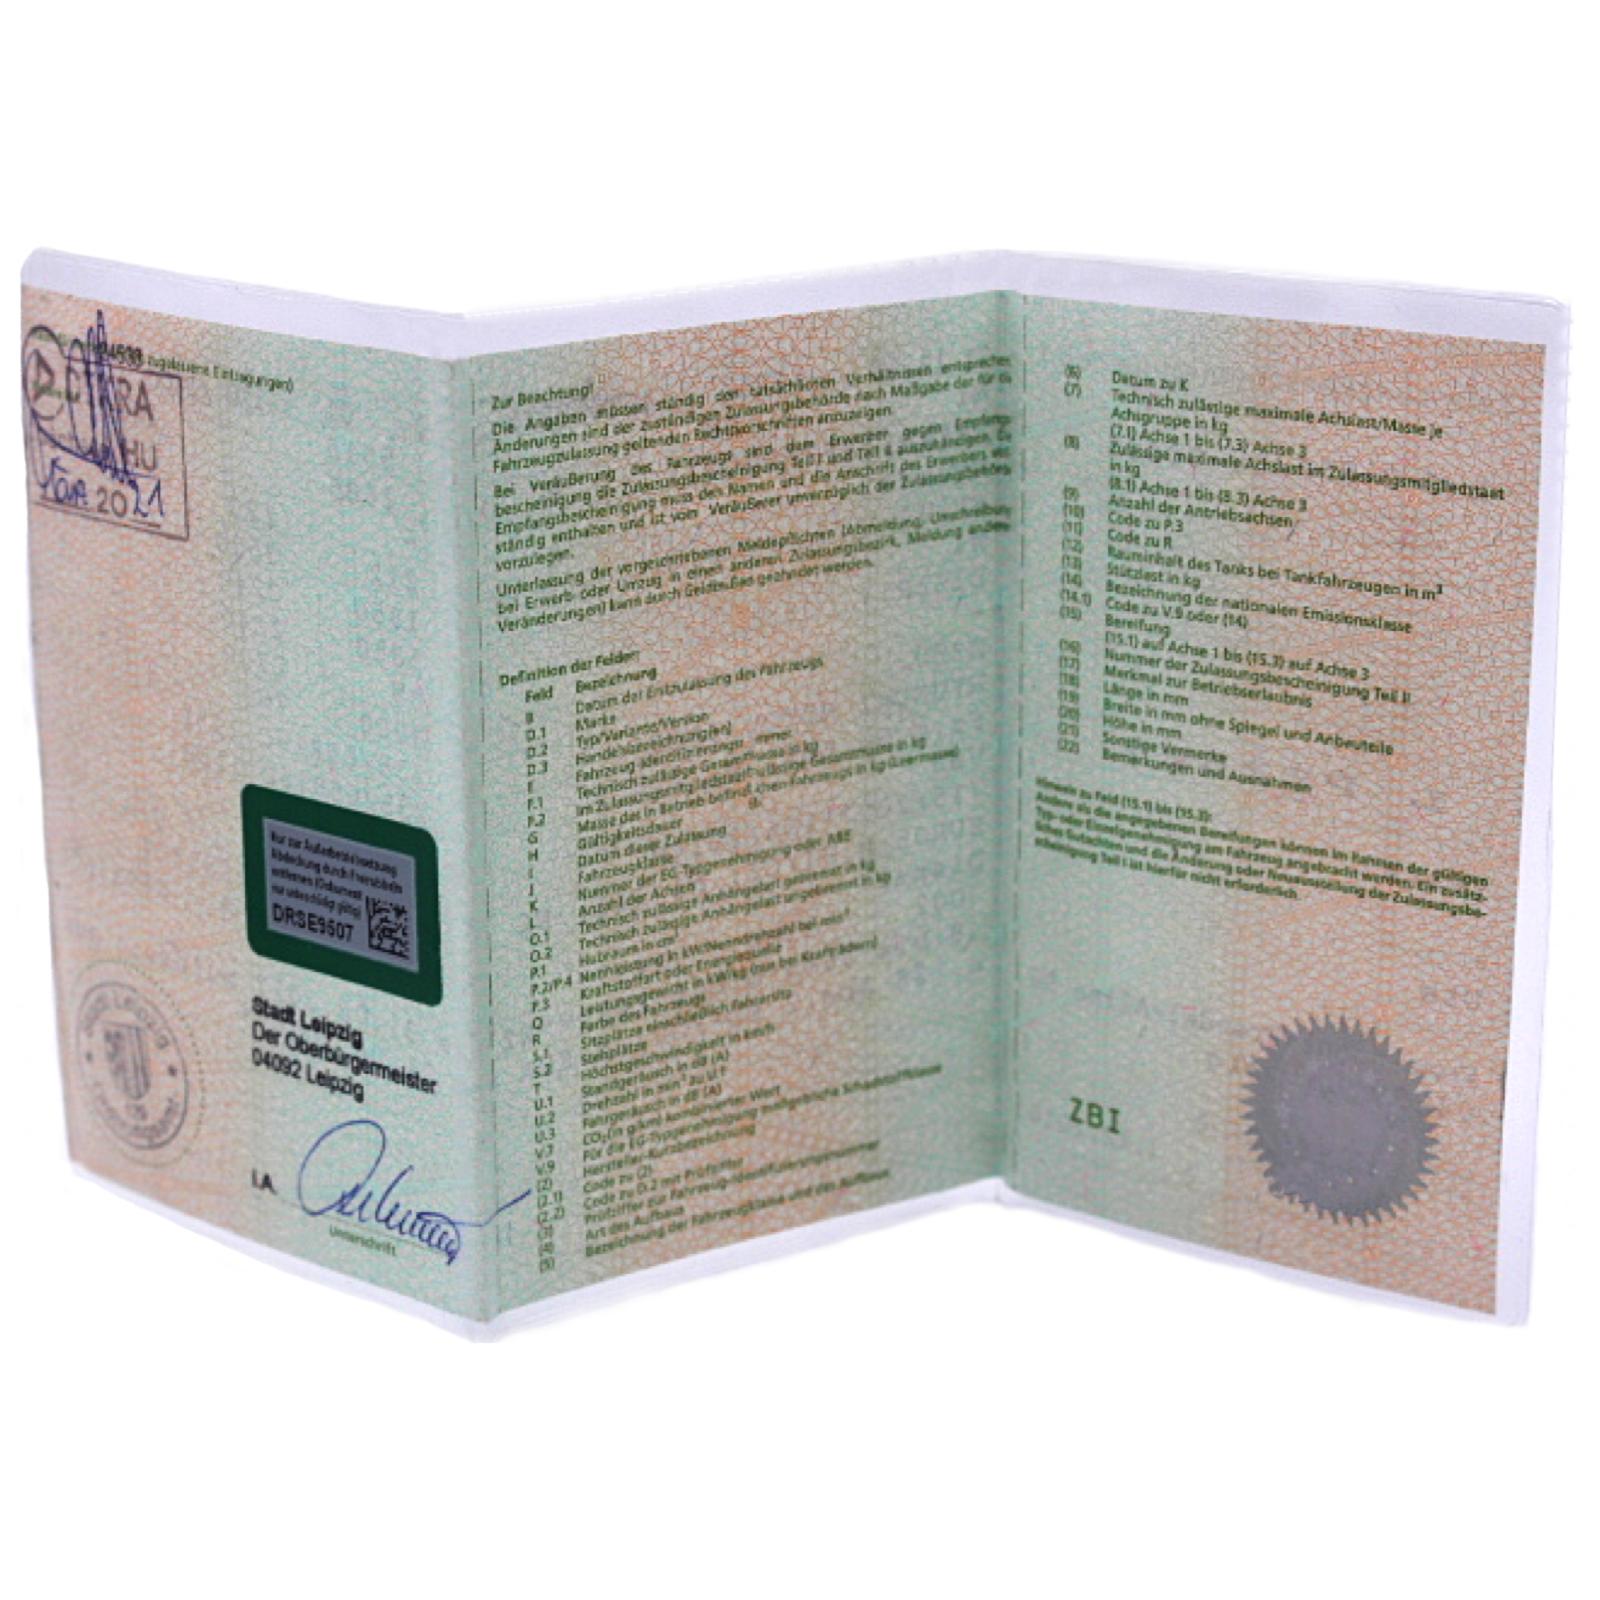 KFZ Schein Hülle 3-geteilt Zulassung Fahrzeugscheinhülle KFZ Schein Schutzhülle